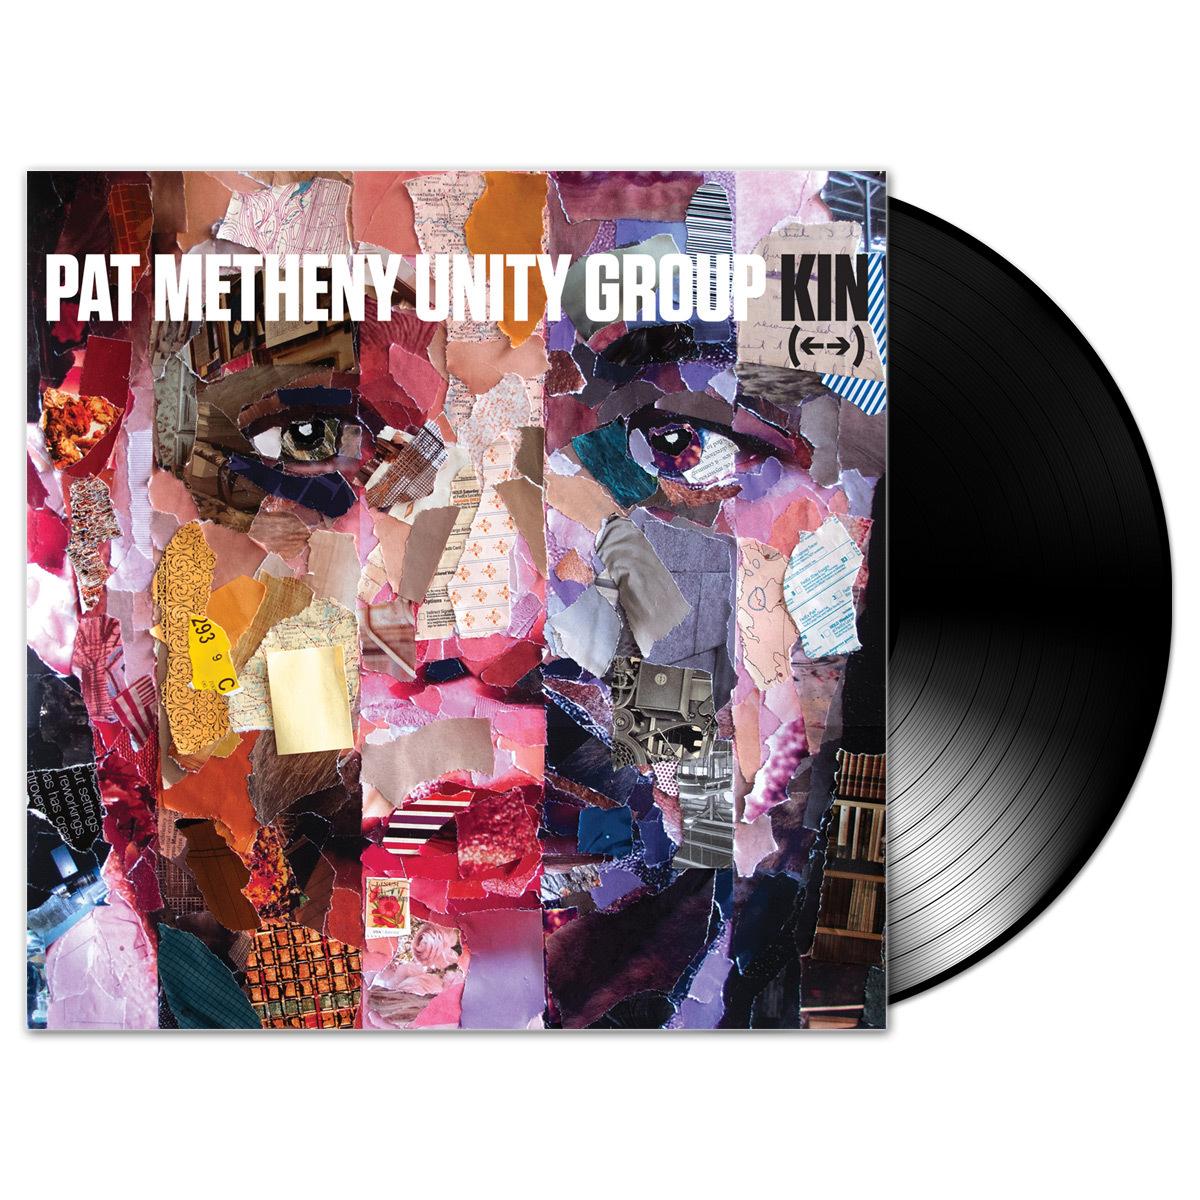 Pat Metheny - KIN (<- ->) Vinyl +CD